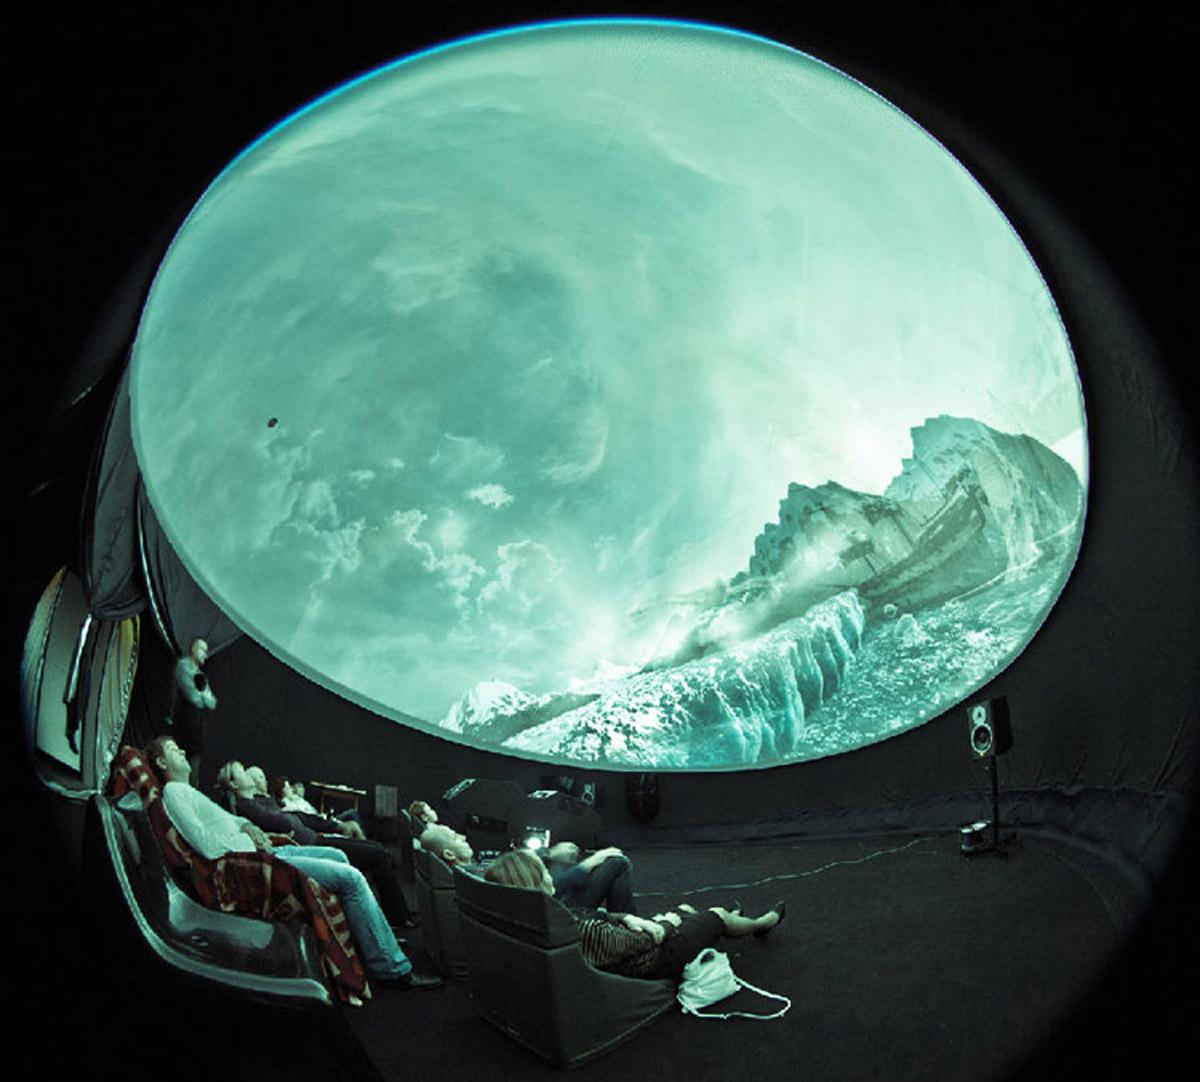 忻州安全体验移动式球幕影院